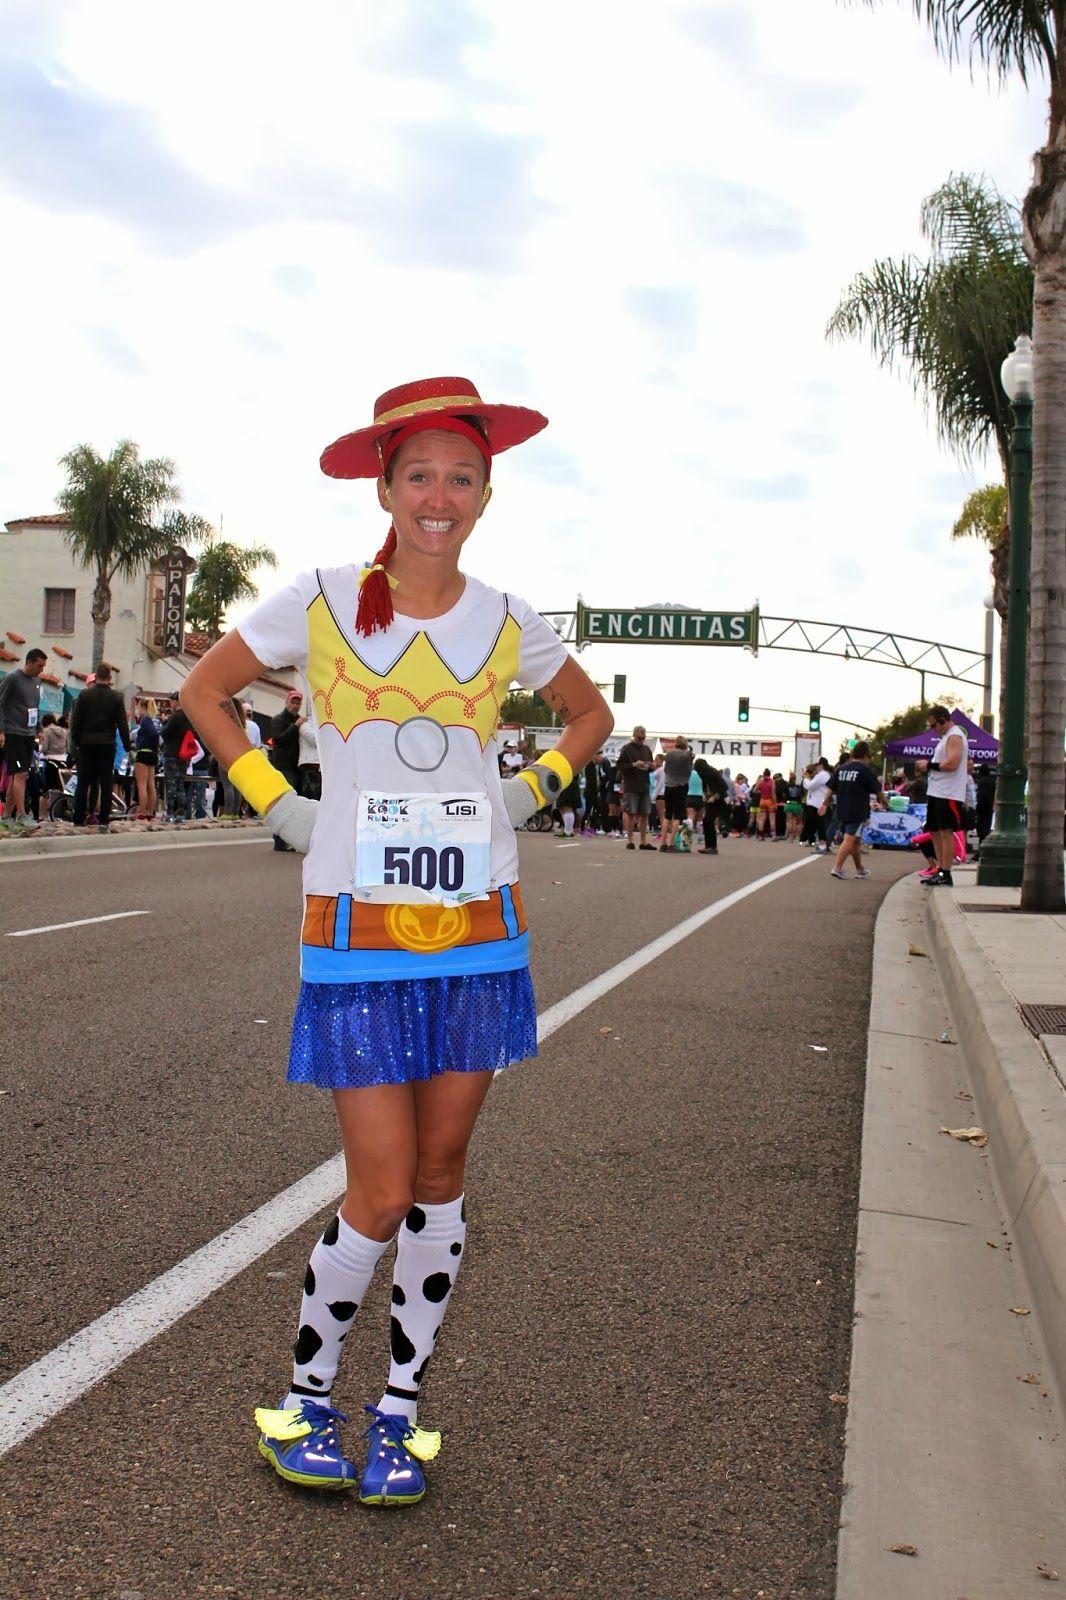 92abf0cfacb9d Jessie from Toy Story running costume. runDisney | Run Disney <3 ...